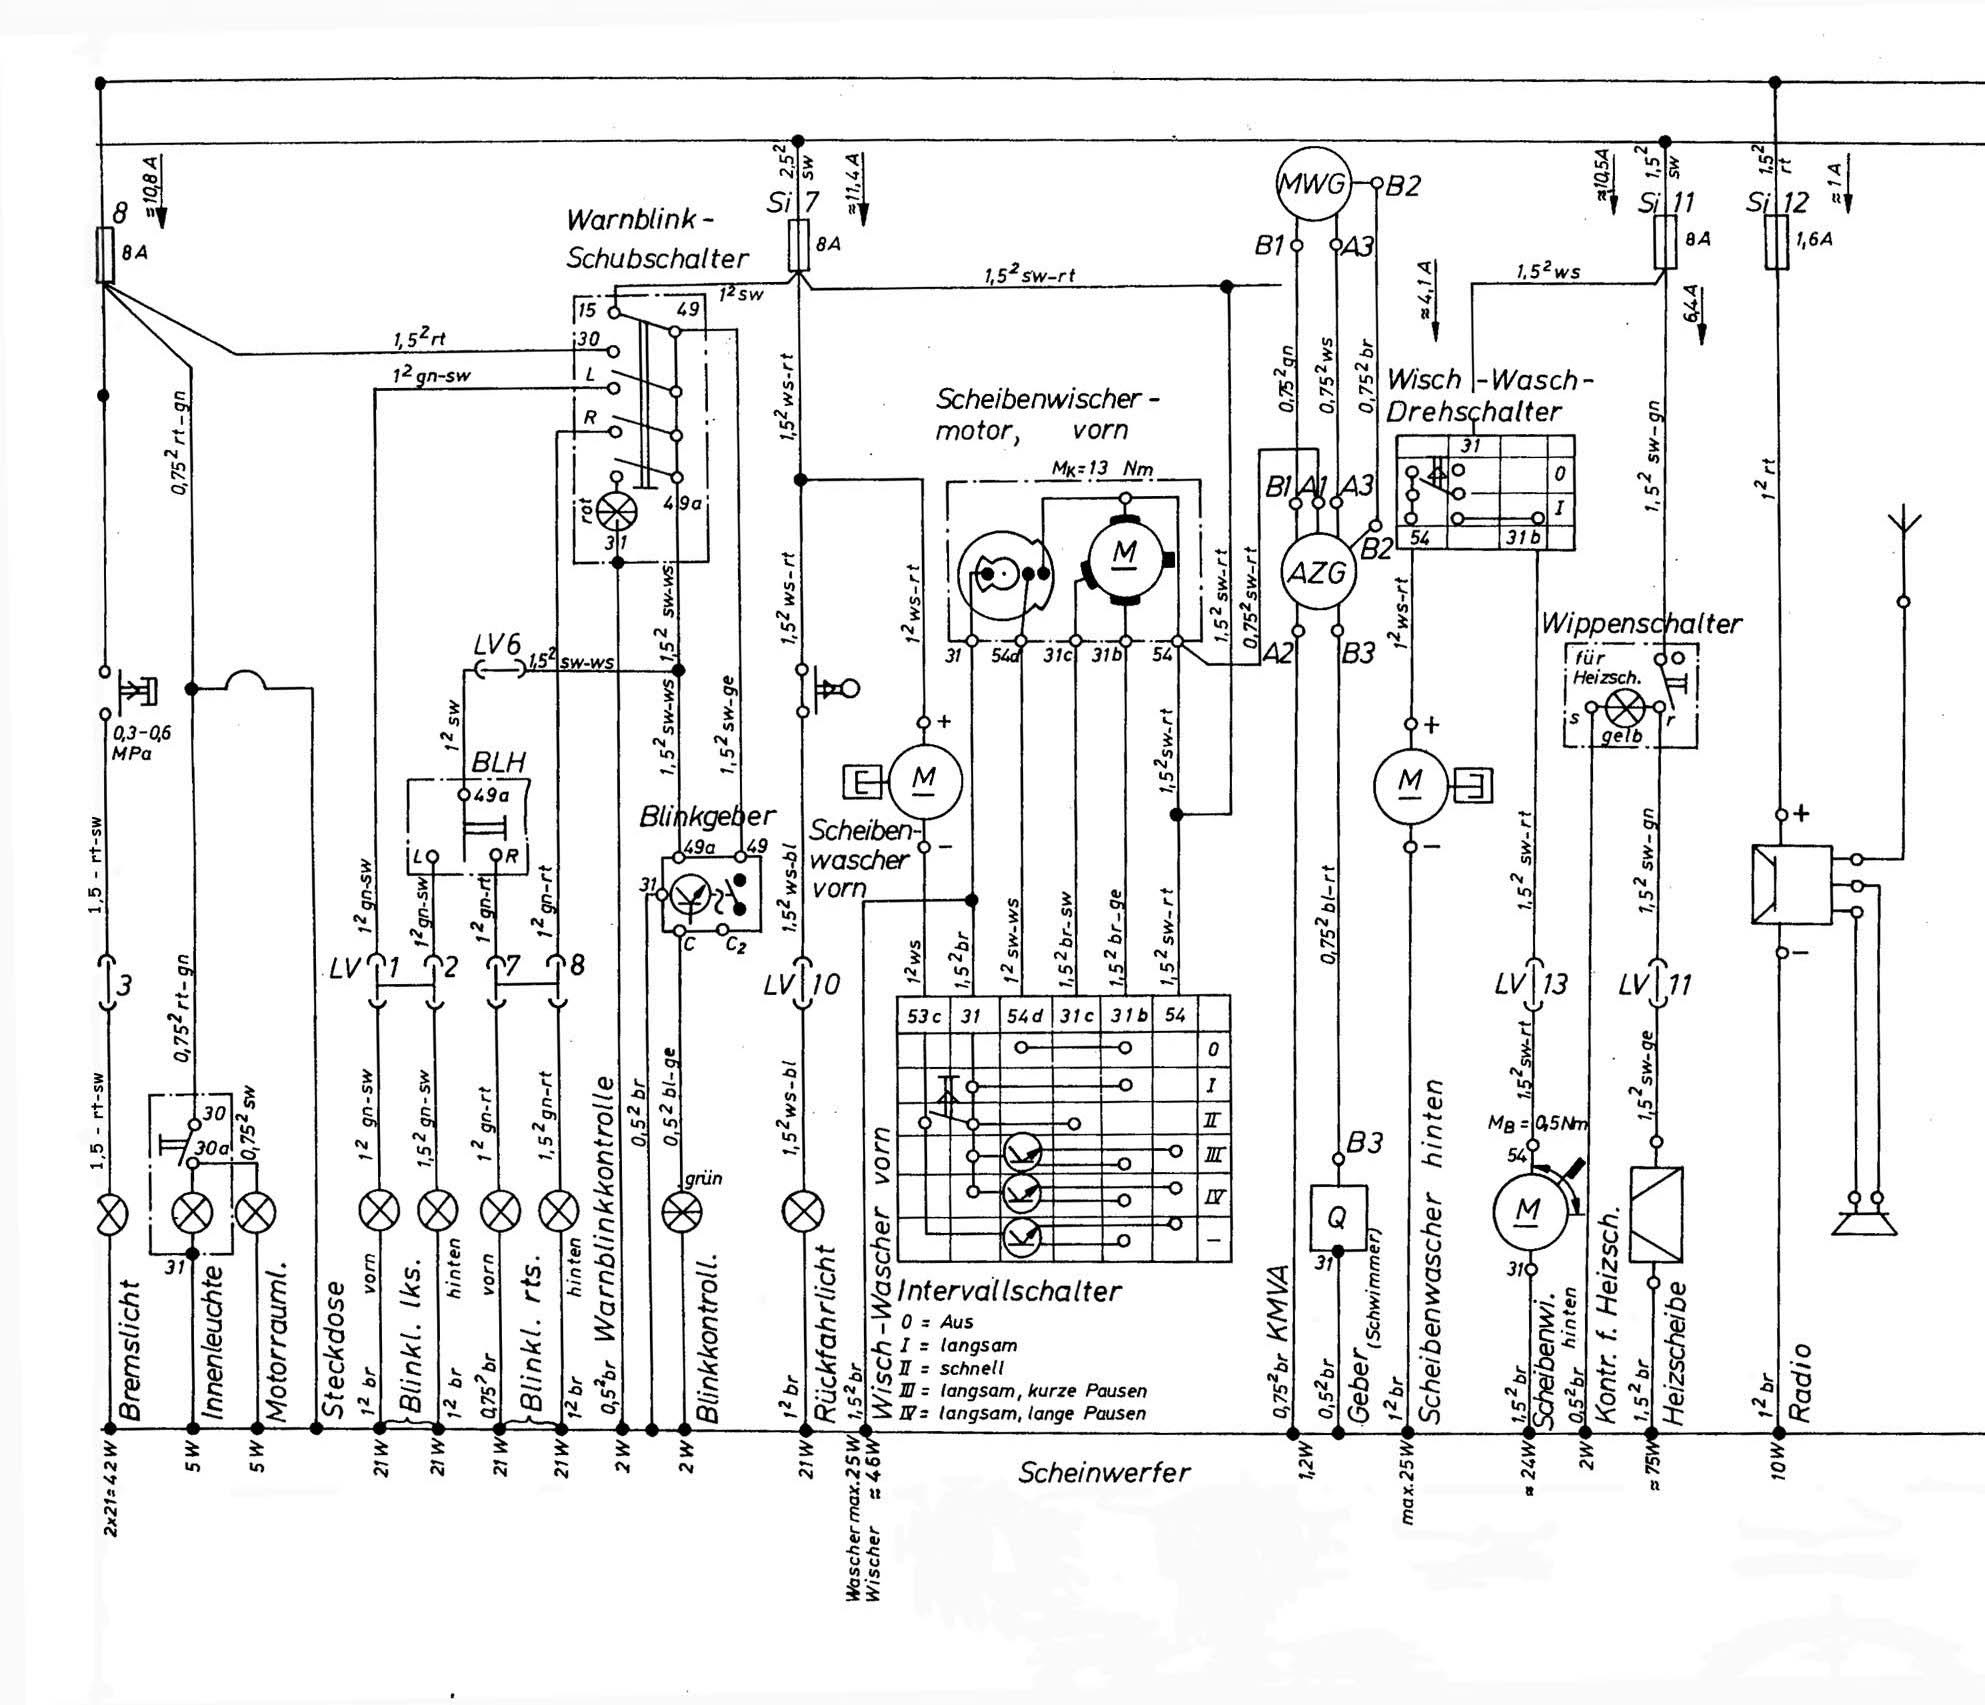 Scheibenwischer Verkabeln und andere Kabelfragen... - Technik ...